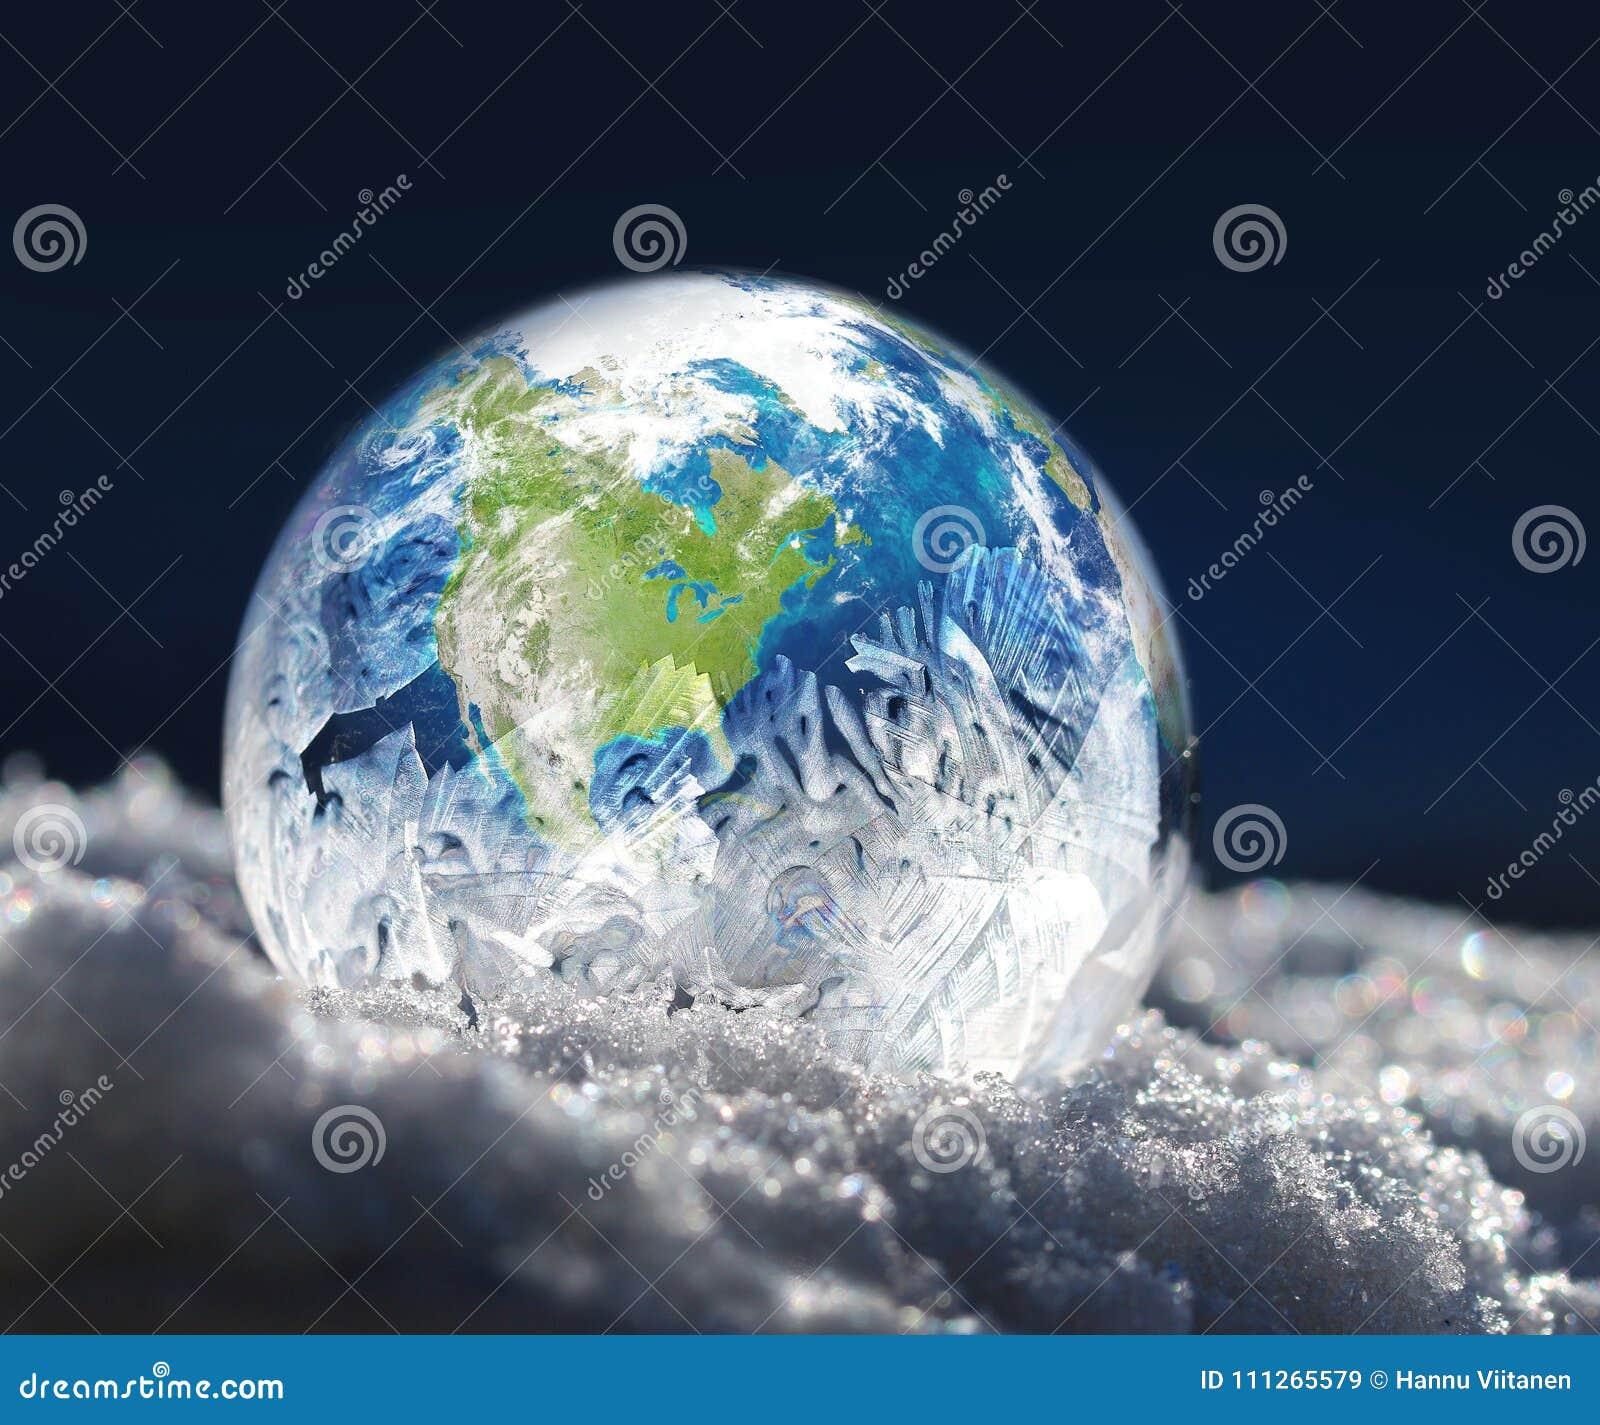 Frozen planet Earth climate change concept